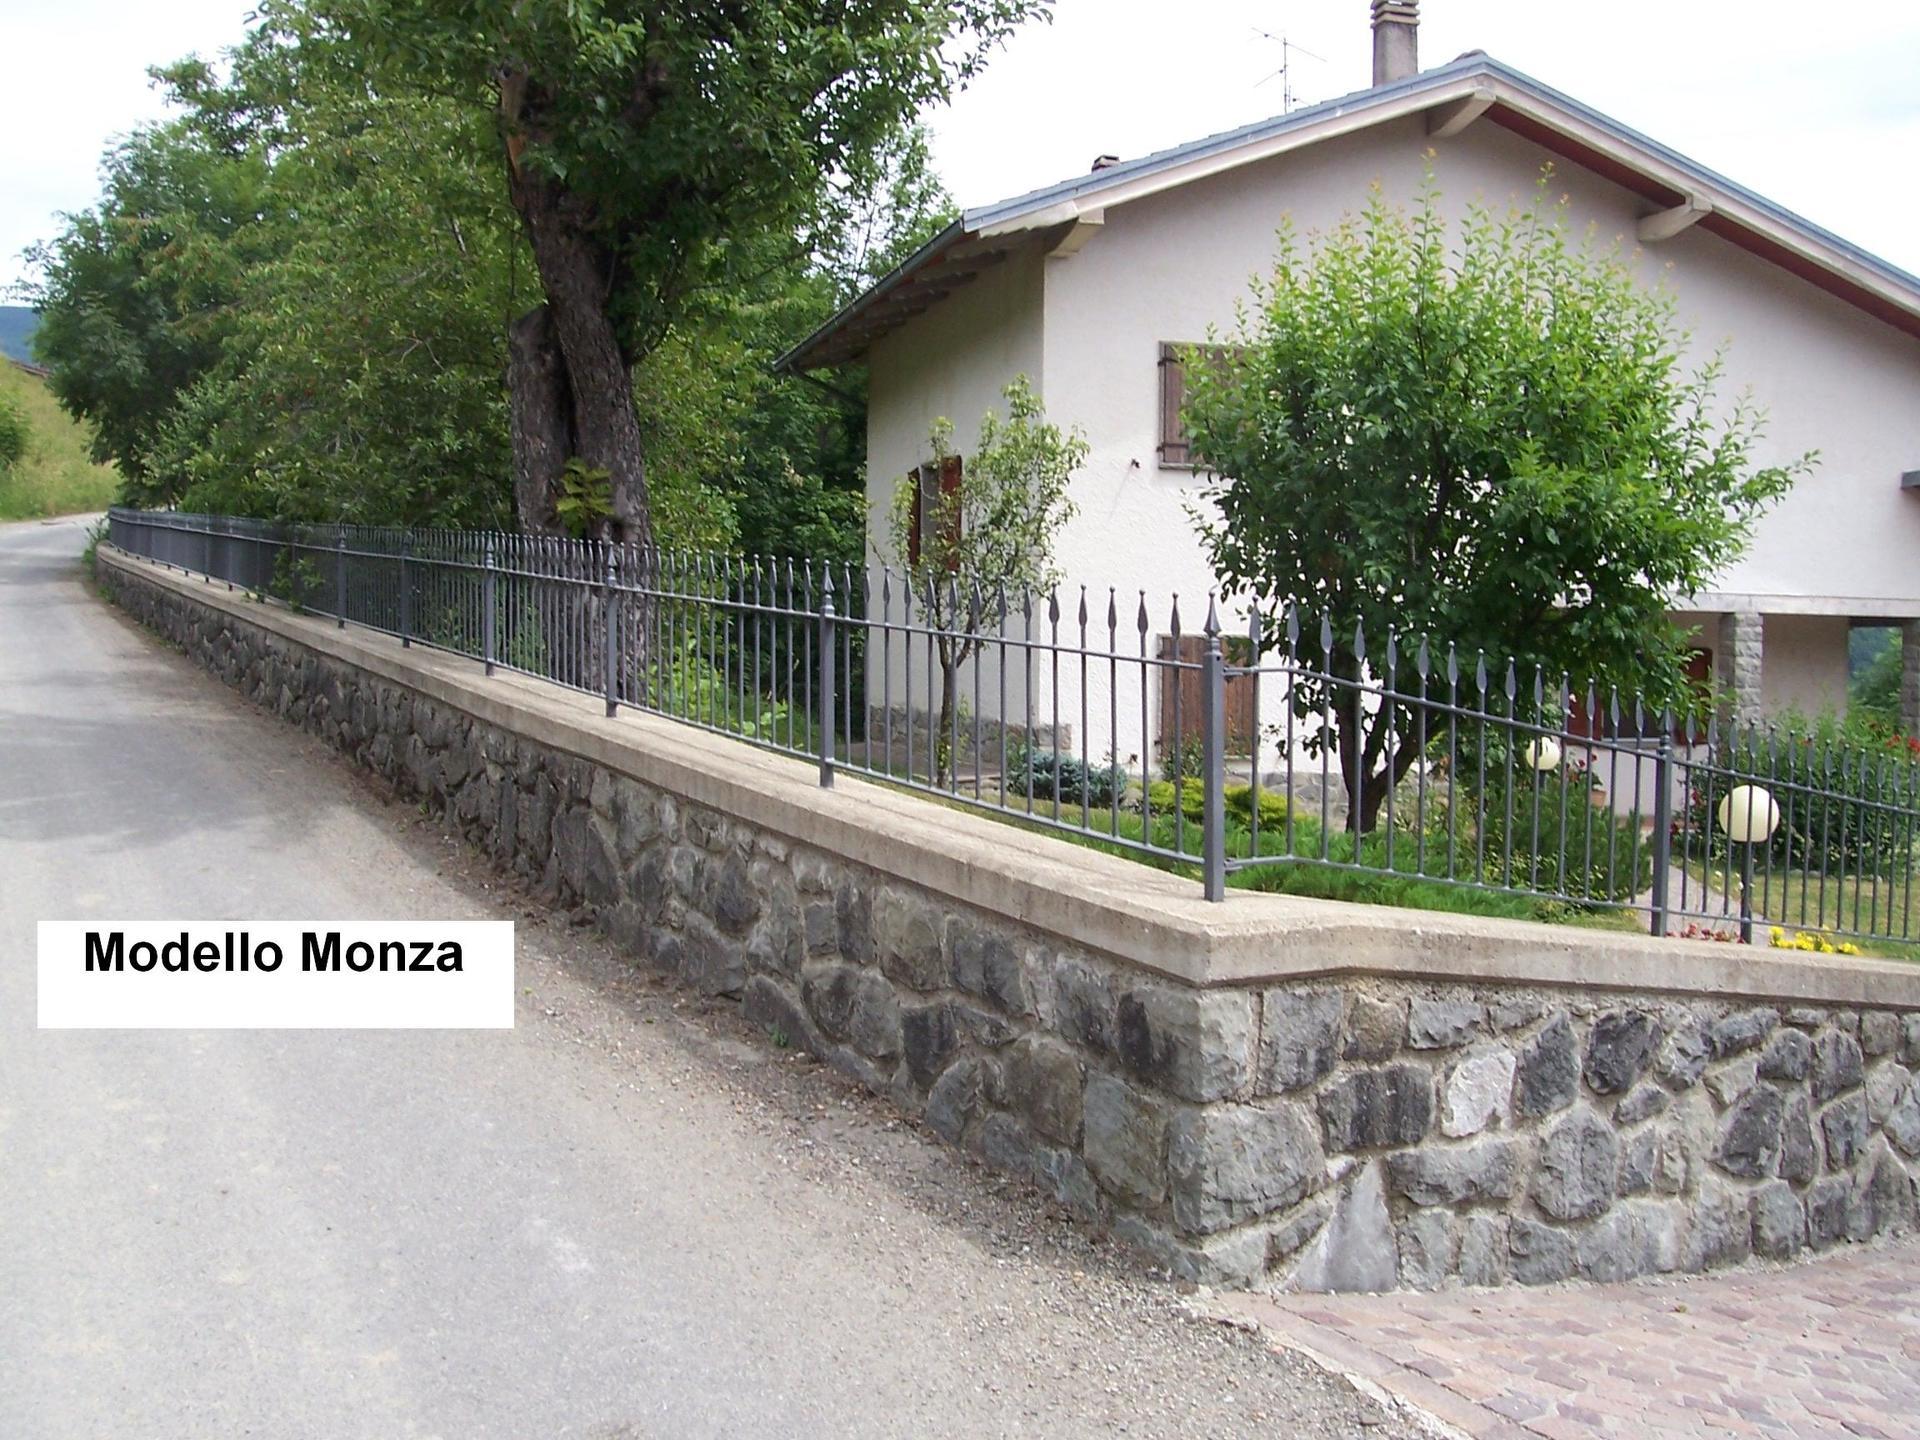 vista angolare di una casa con ringhiere Modello Monza